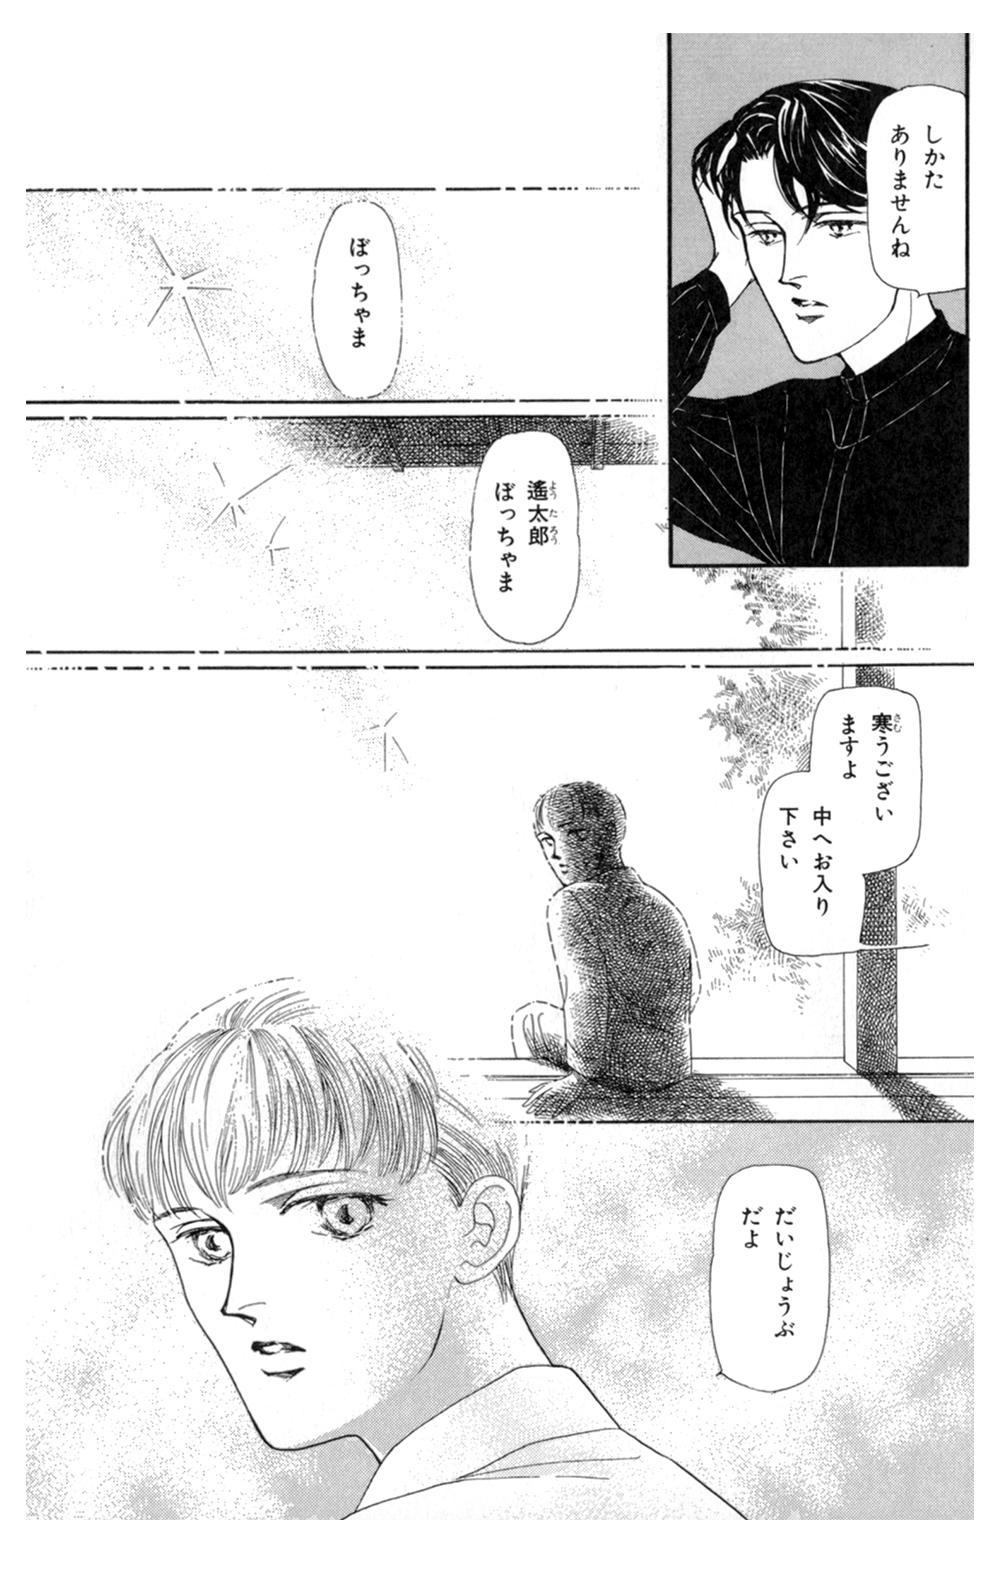 雨柳堂夢咄 第5話「太郎丸」①uryudo-03-149.jpg